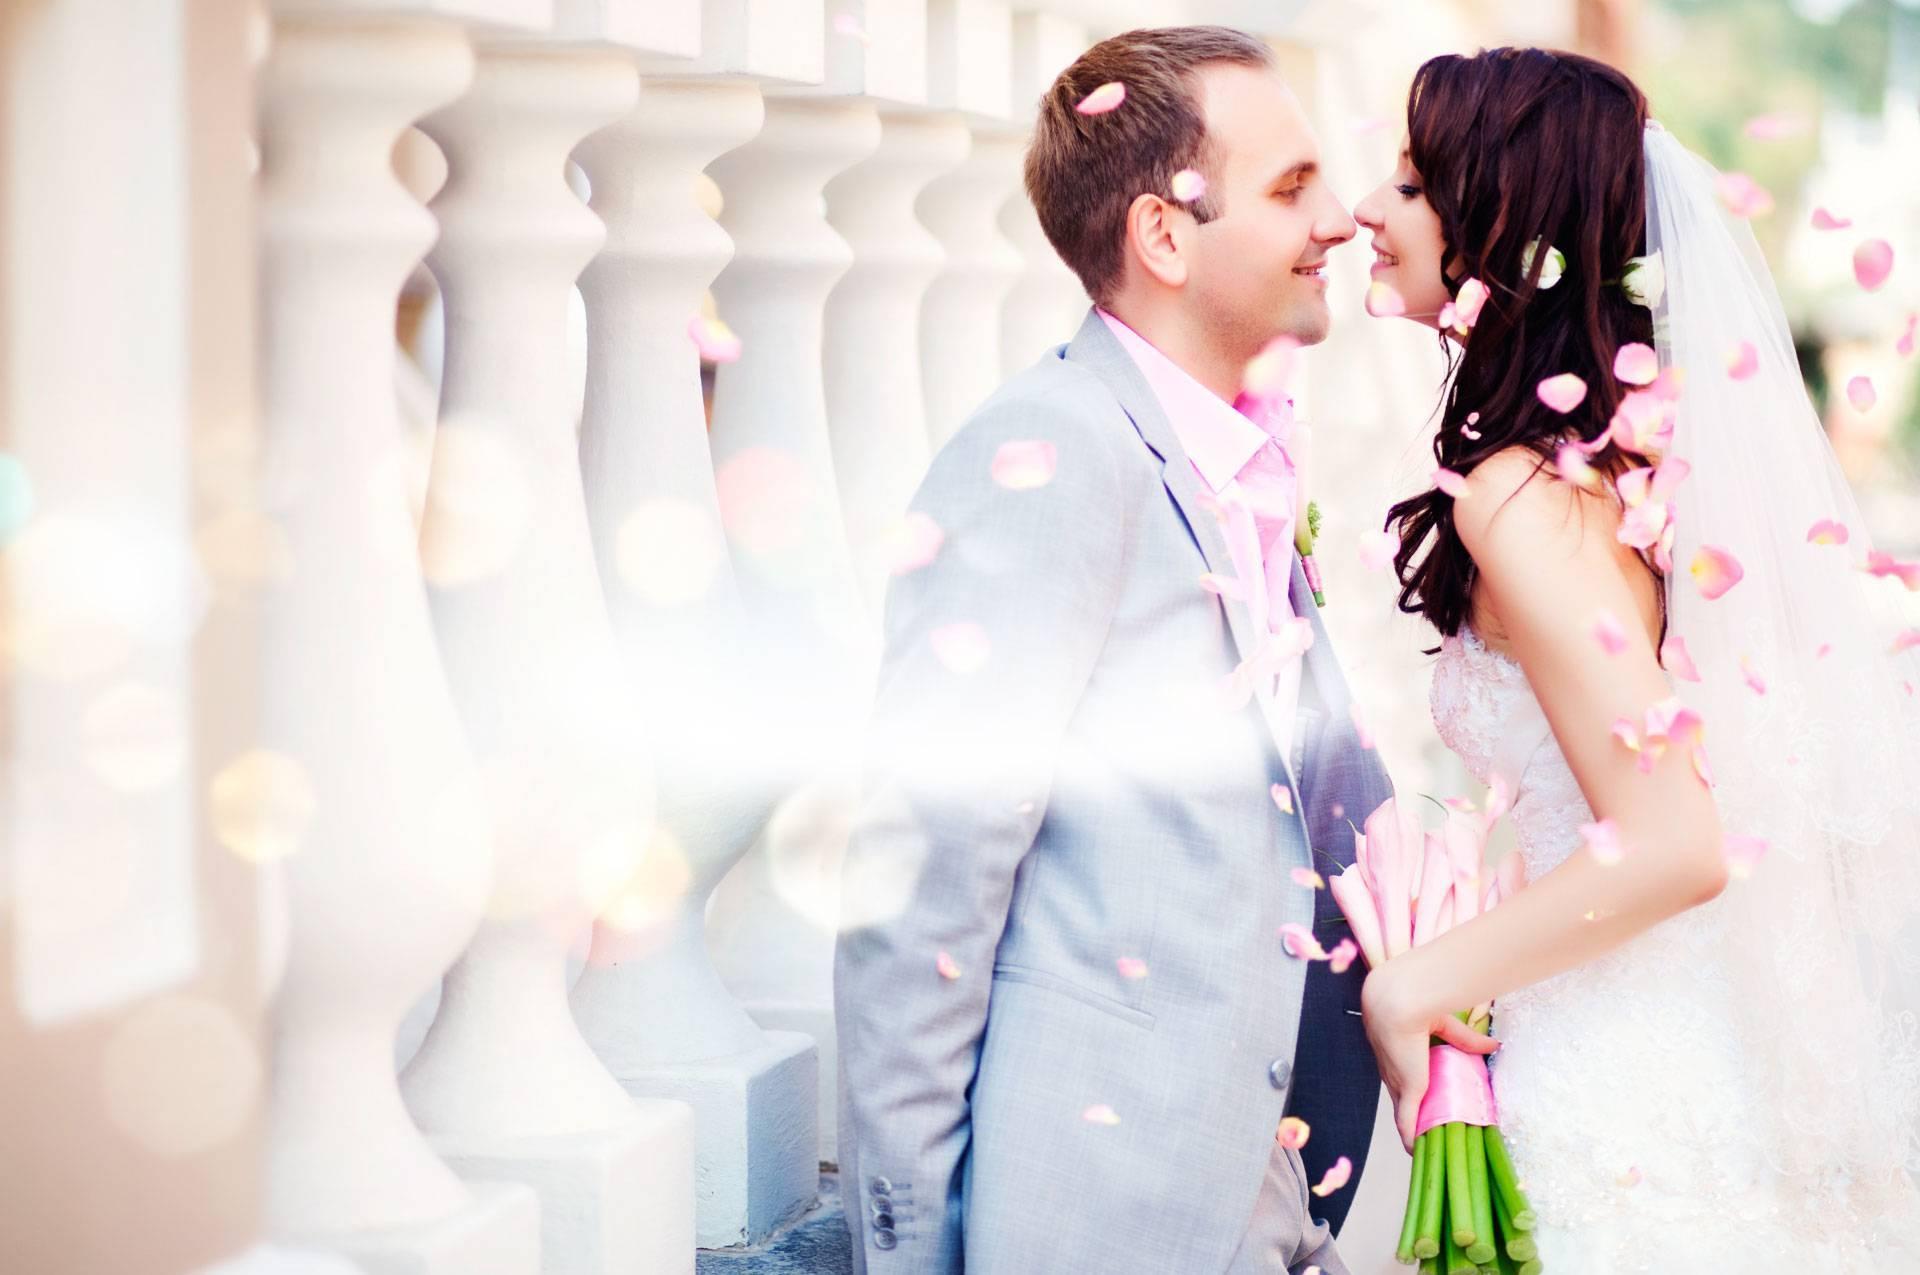 Как проходит свадьба: организация и планирование